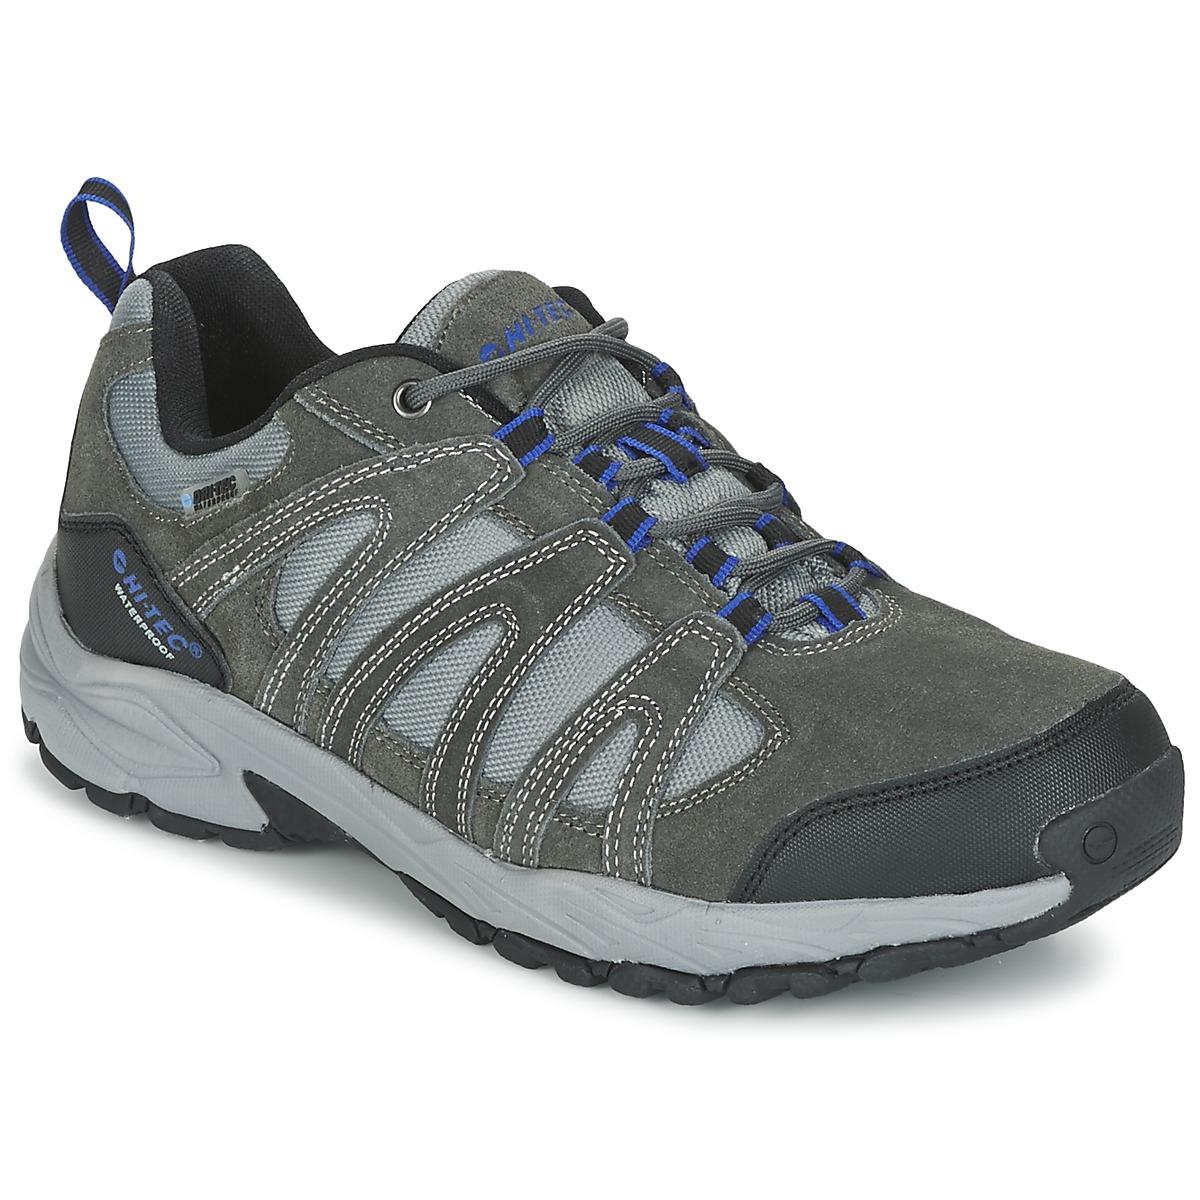 Chaussures-de-randonnee Hi-Tec ALTO II LOW WP Charbon / Bleu